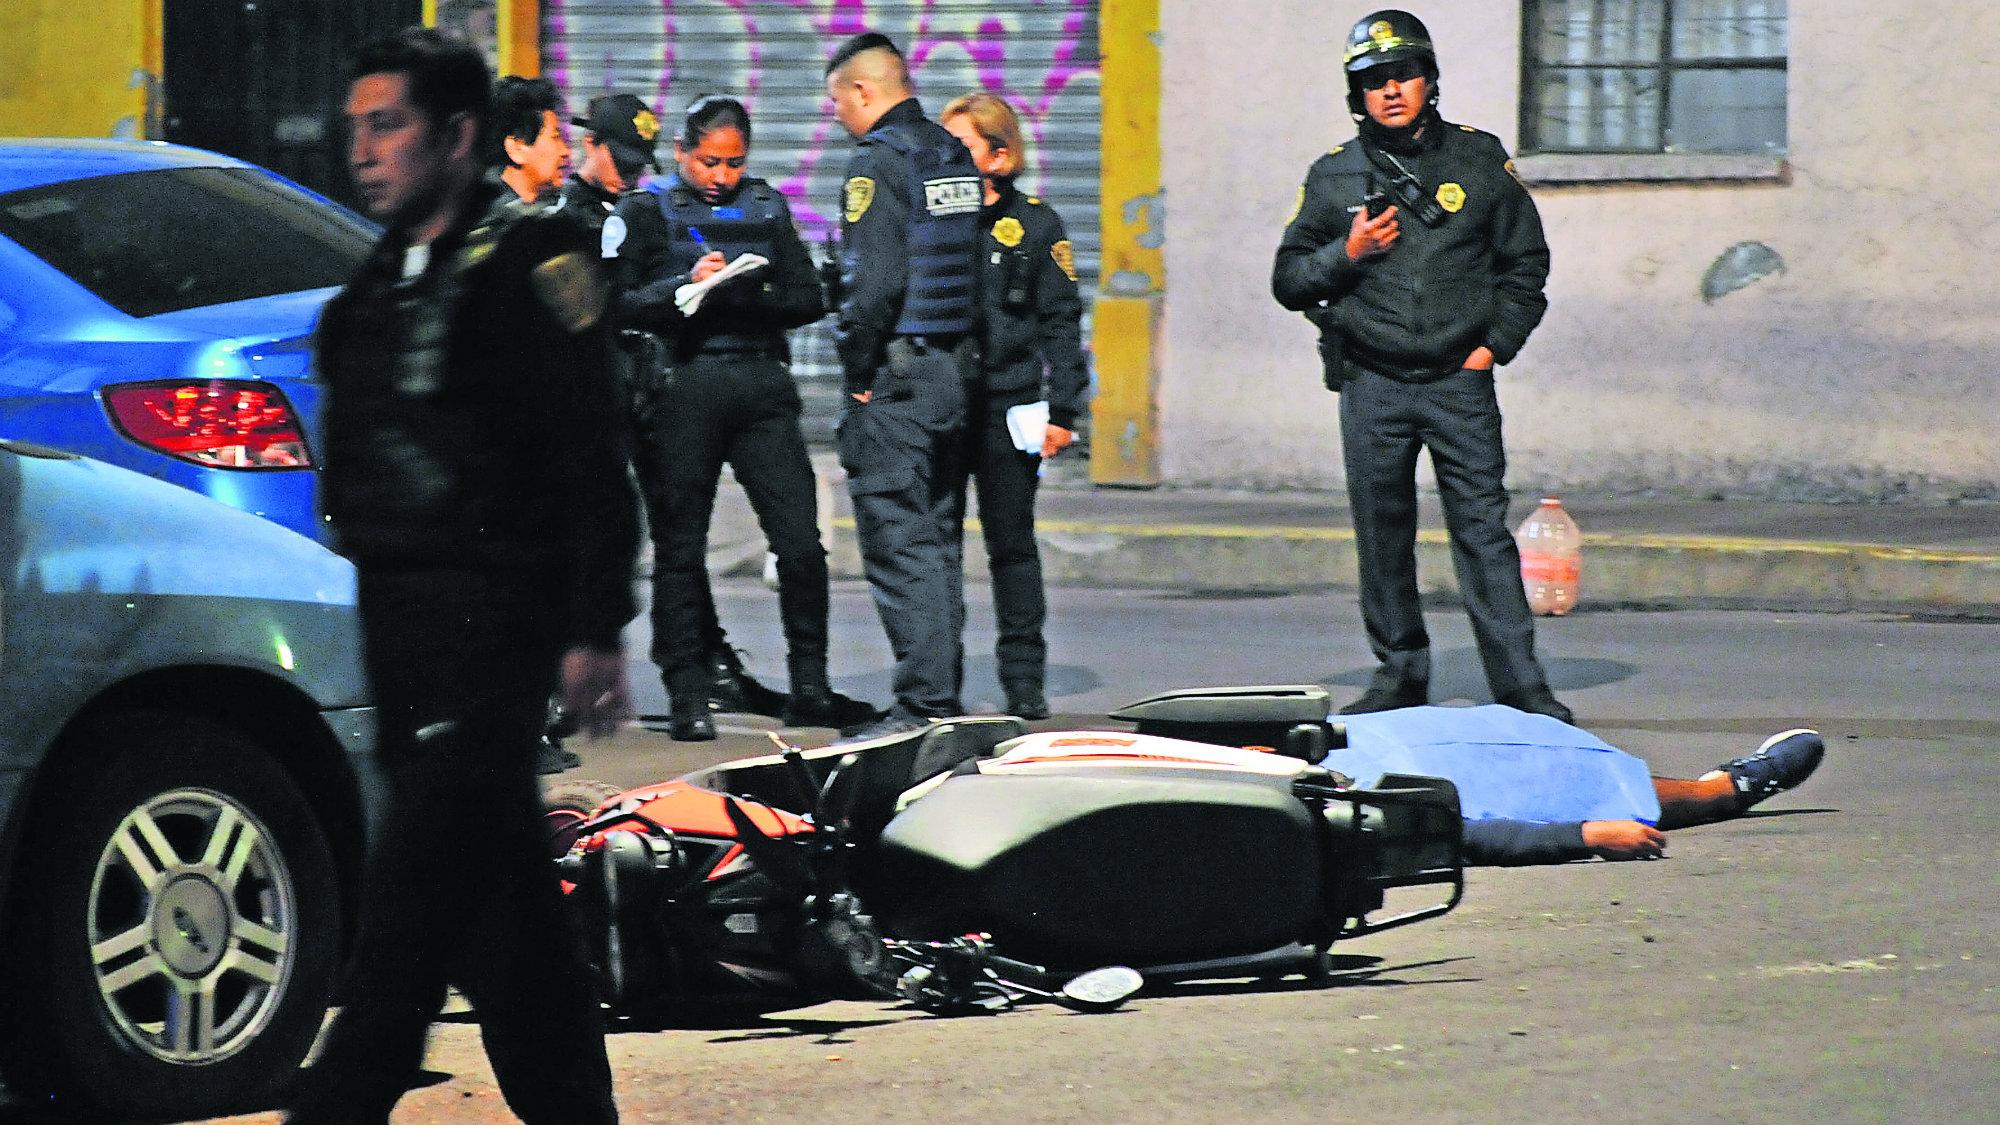 Pelea por mujer Hombre muerto Rivales detenidos CDMX